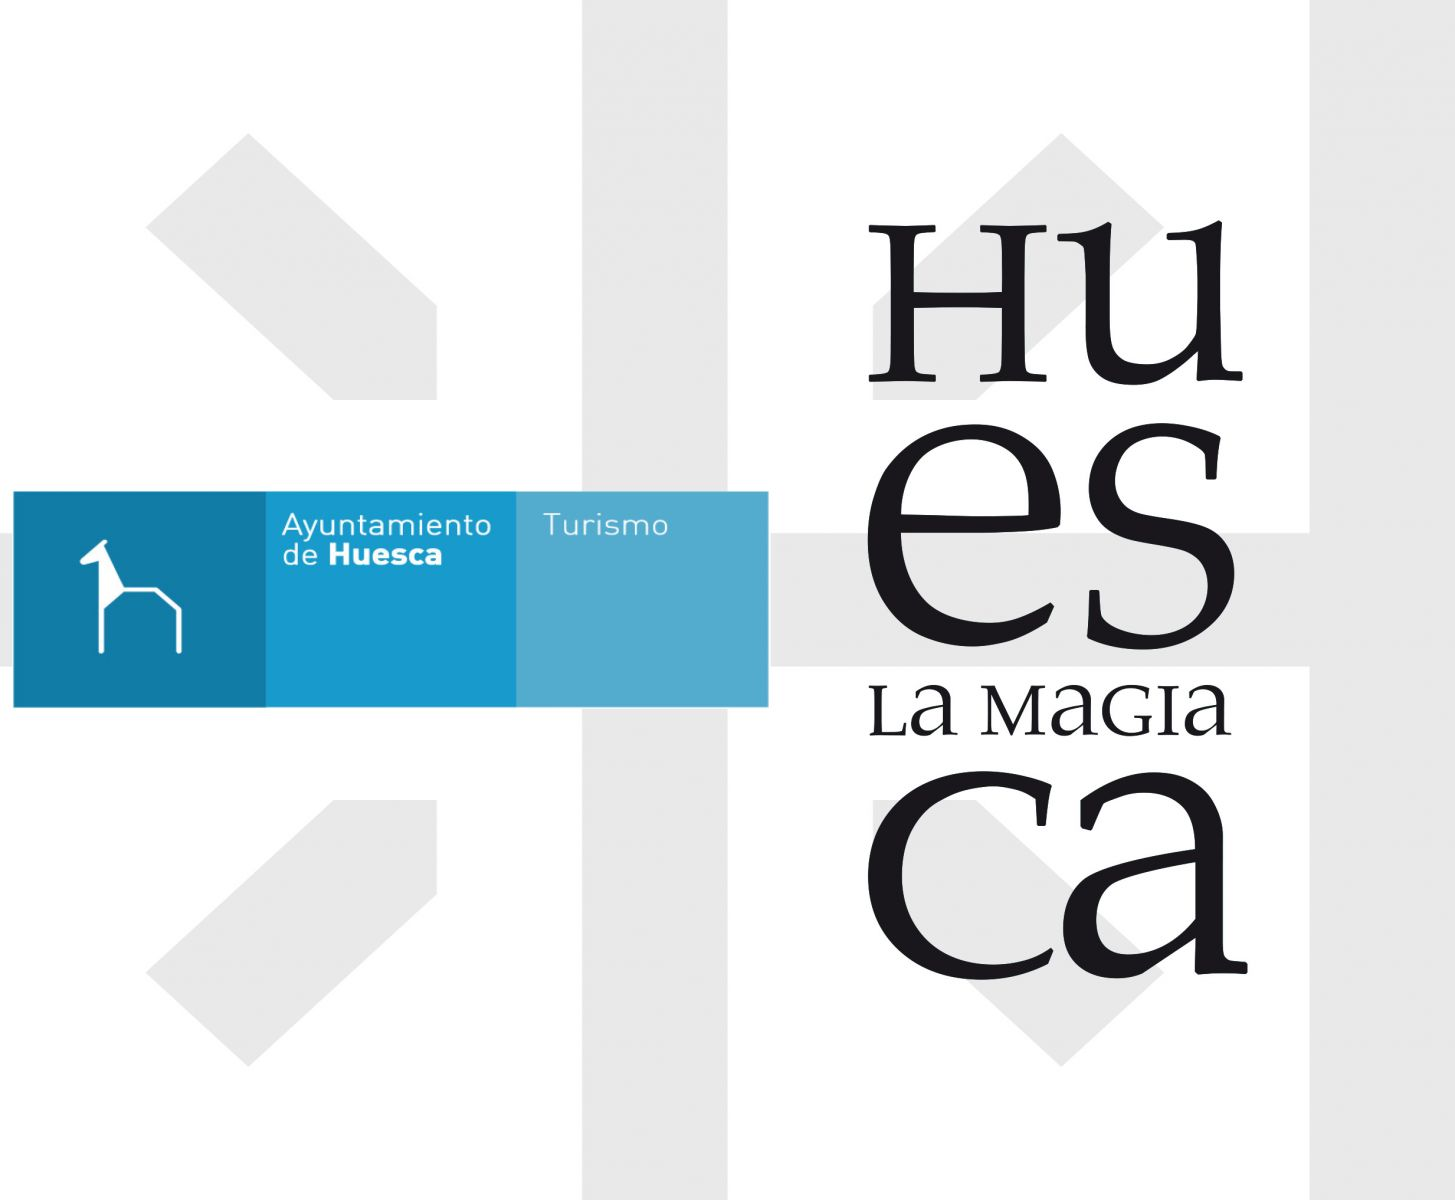 Logo unión Ayto. y Huesca la Magia